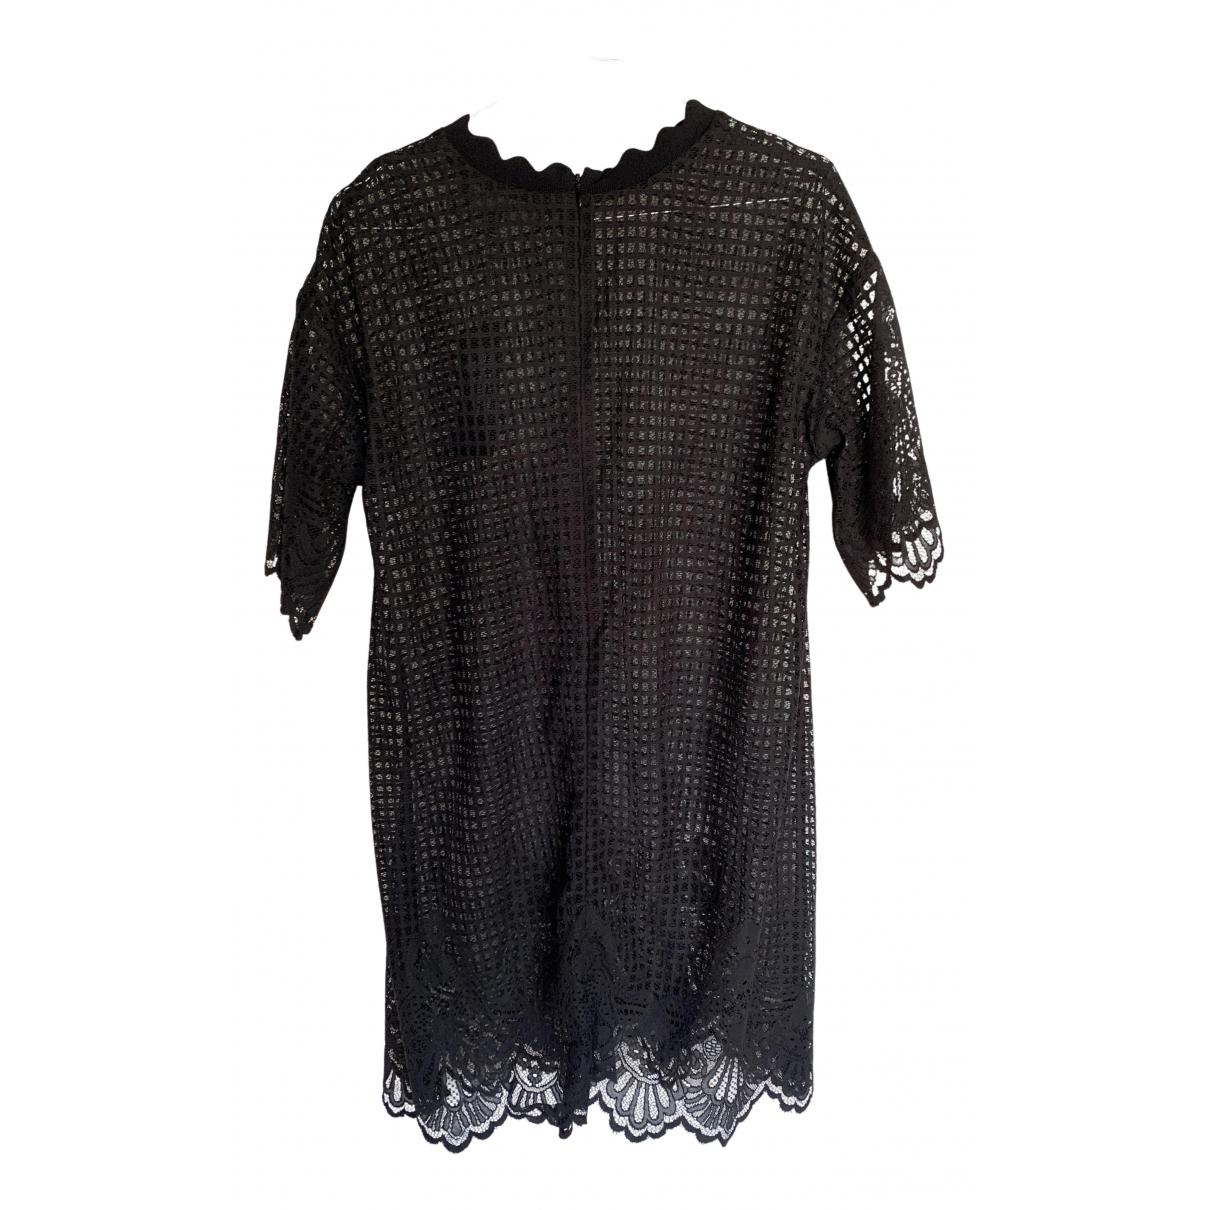 Kendall + Kylie \N Kleid in  Schwarz Polyester